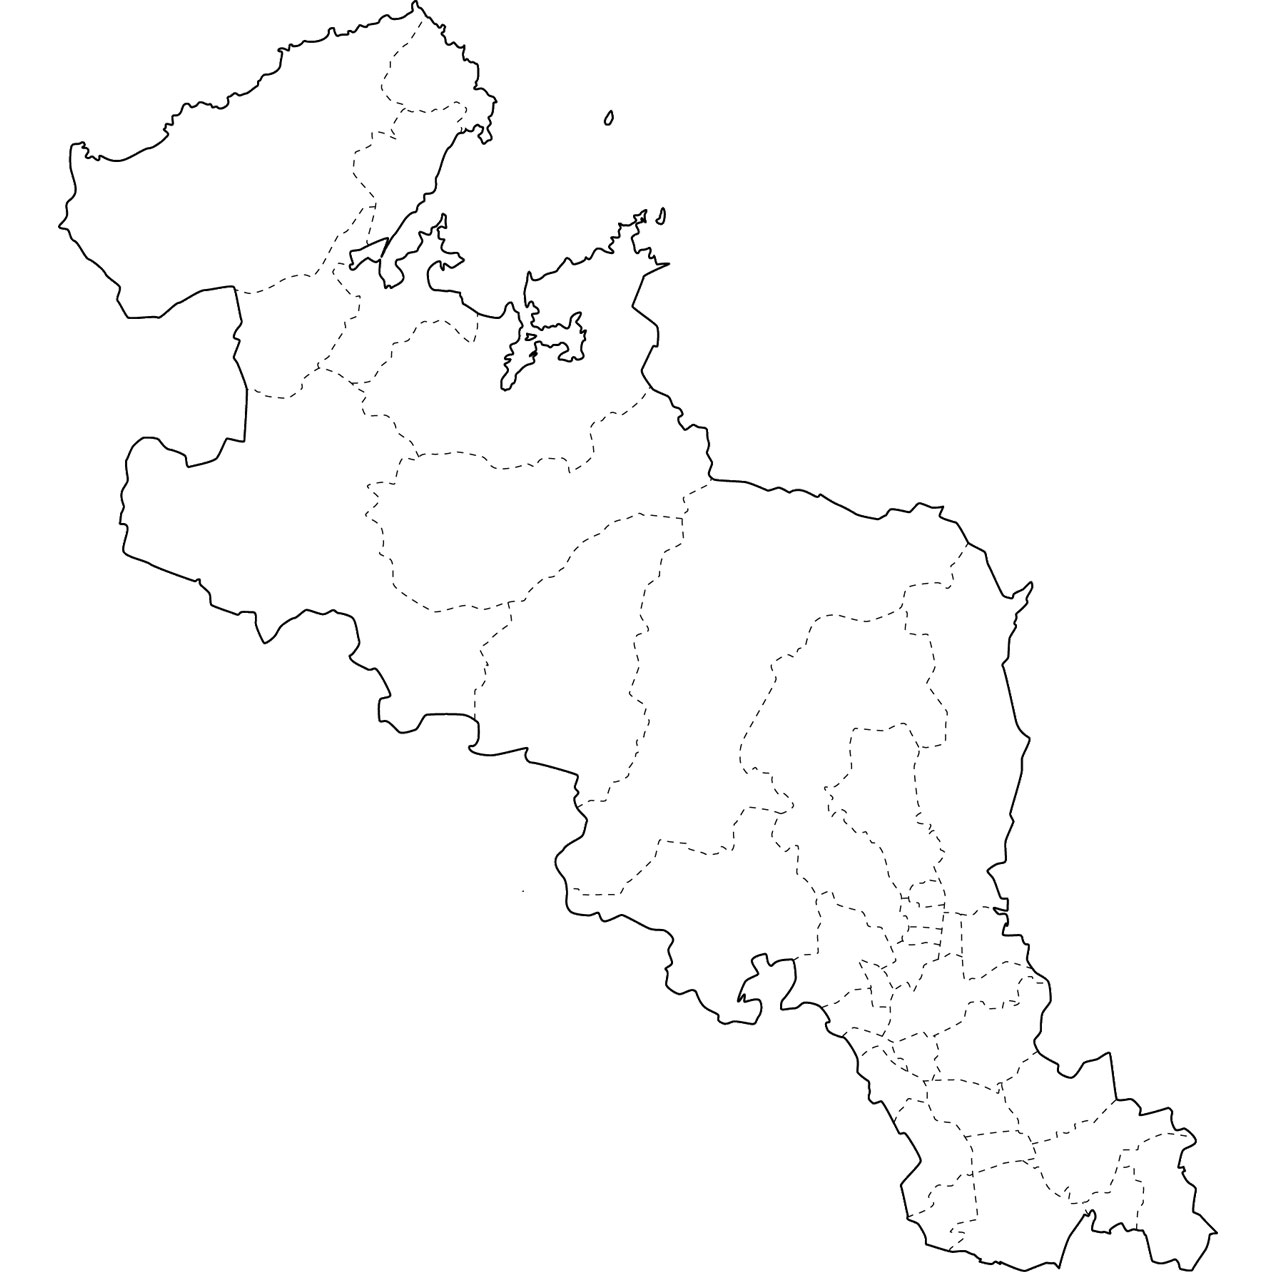 地図イラスト見本(縮小表示) : 中部地方の県 : すべての講義